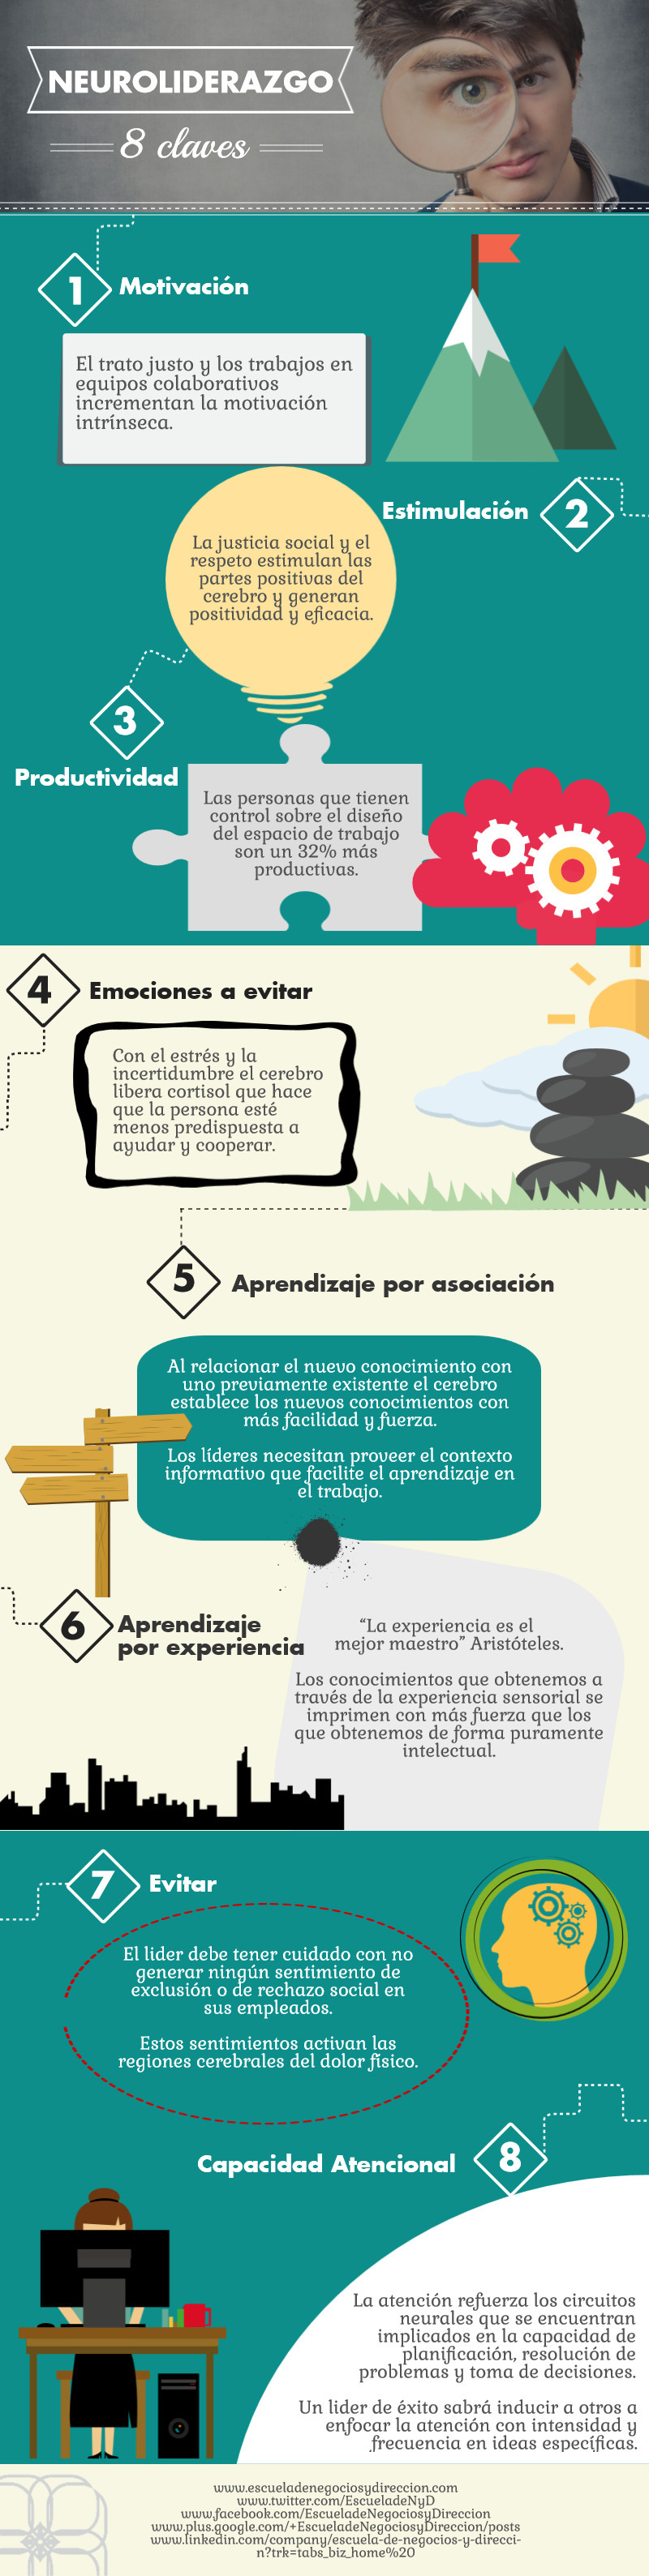 8 claves sobre Neuroliderazgo infografia infographic